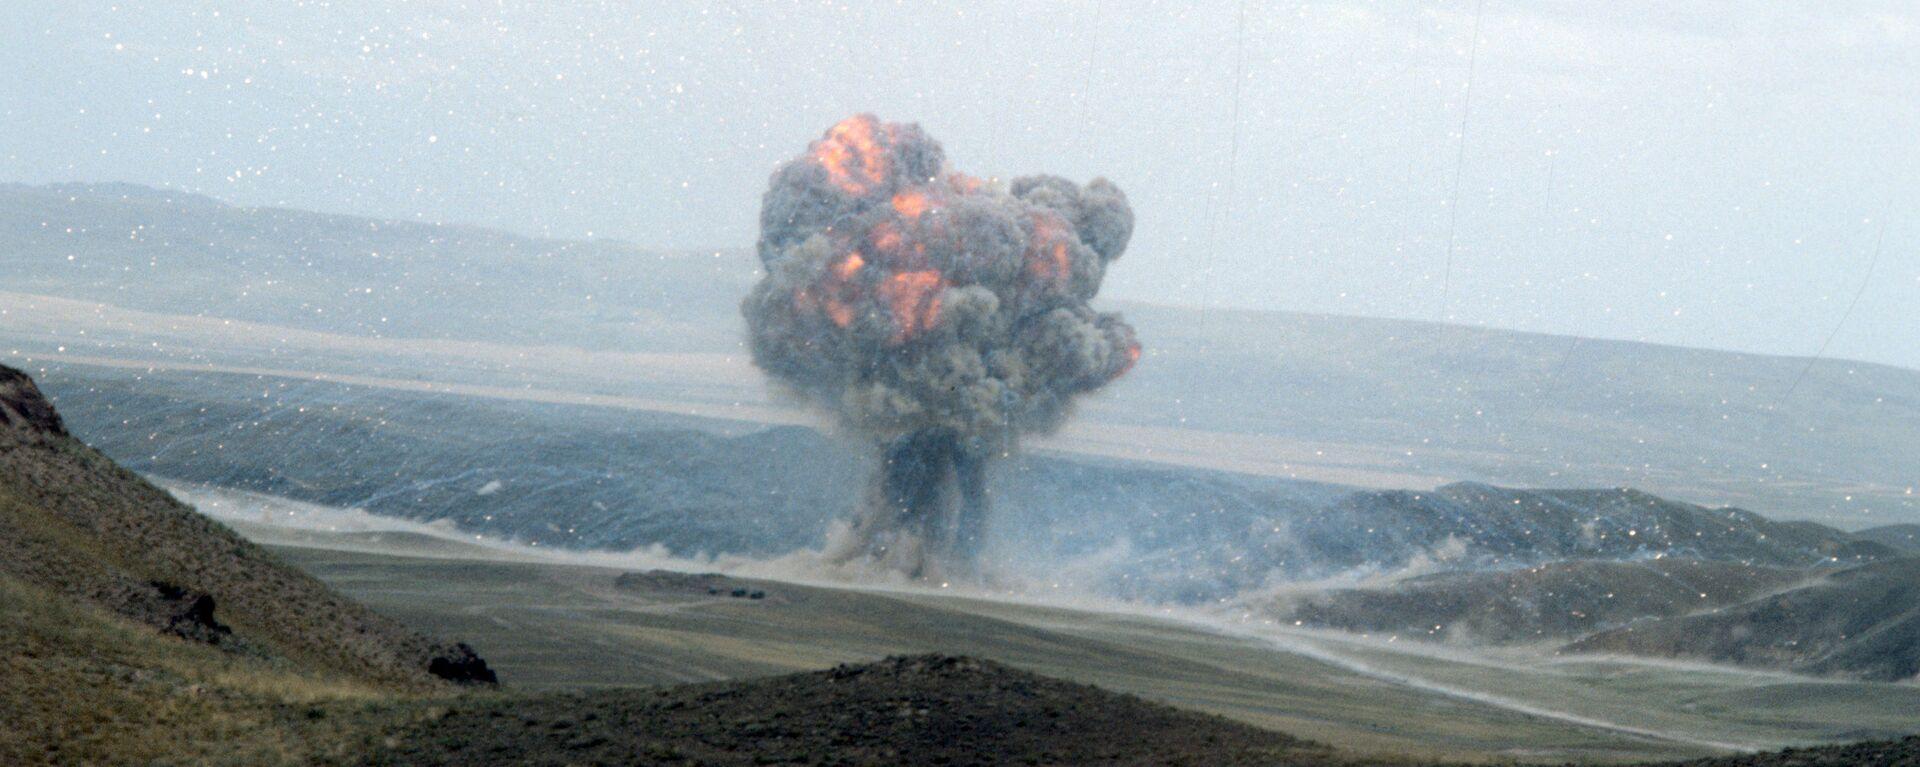 Tiêu hủy tên lửa. Thực hiện Hiệp ước về loại bỏ tên lửa tầm trung và tầm gần (INF). - Sputnik Việt Nam, 1920, 10.02.2019